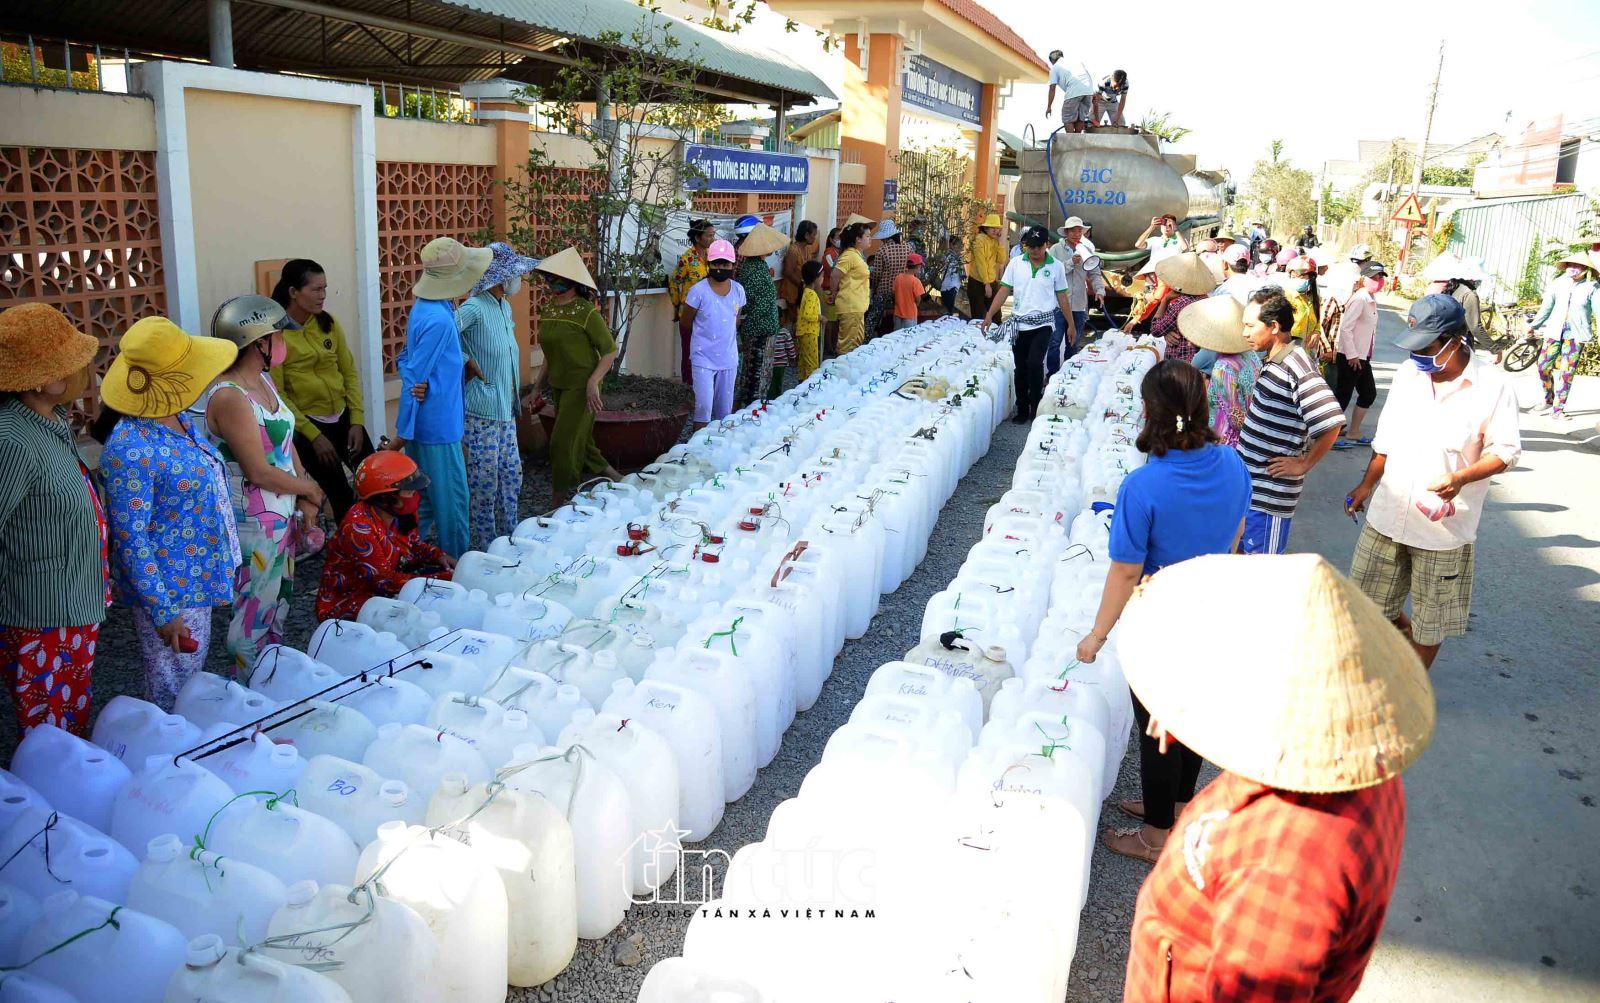 Riêng xã Tân Phước, có gần 3.500 hộ với gần 18.000 nhân khẩu đang bị thiếu nước sinh hoạt. Các xã khác thuộc huyện Gò Công Đông cũng đang lâm vào cảnh tương tự.